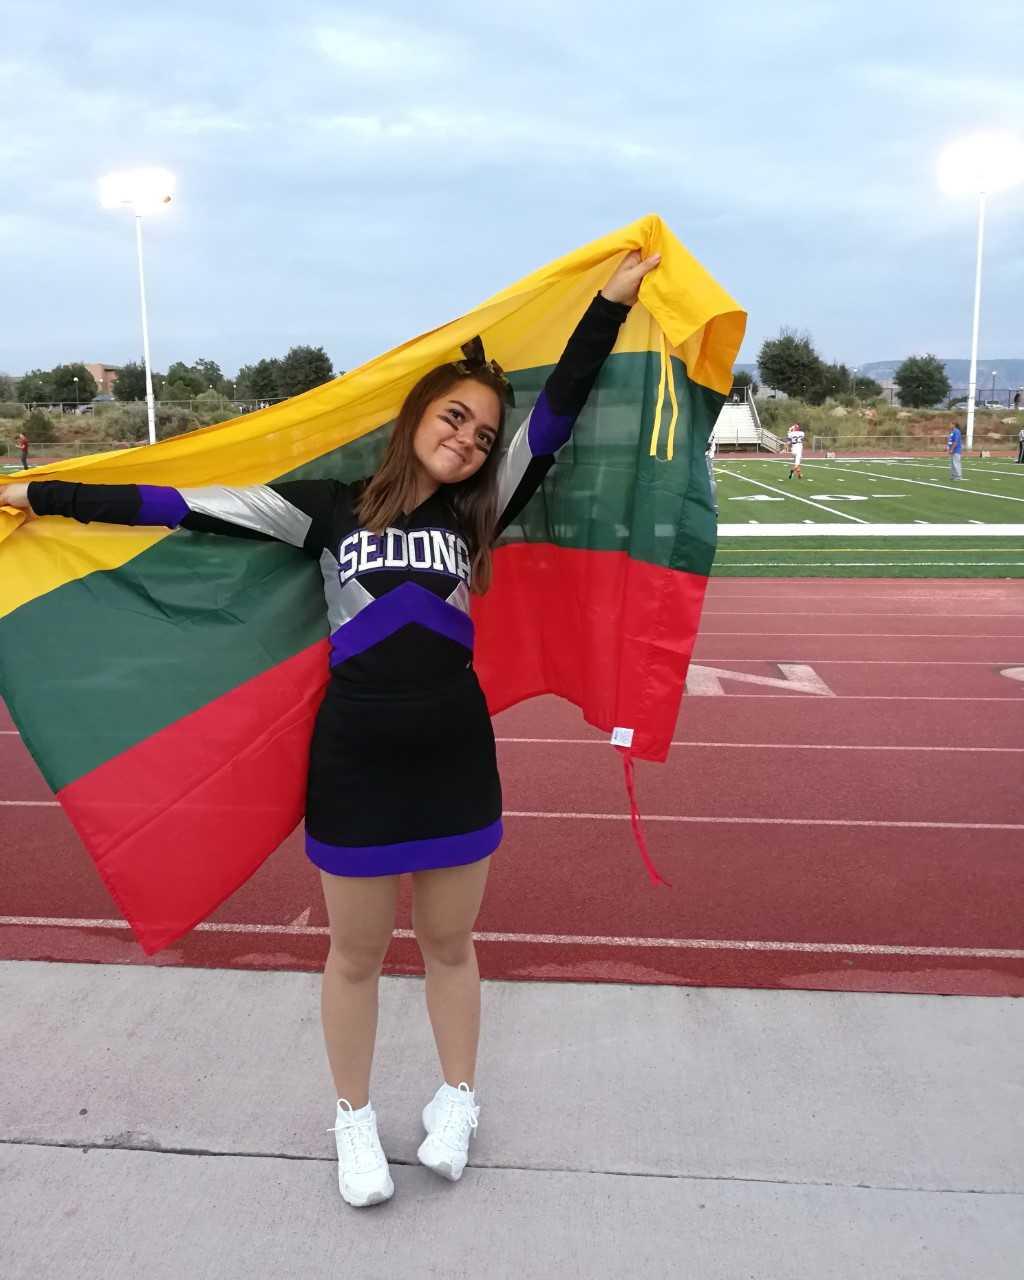 Lithuanian Exchange Student Cheerleader